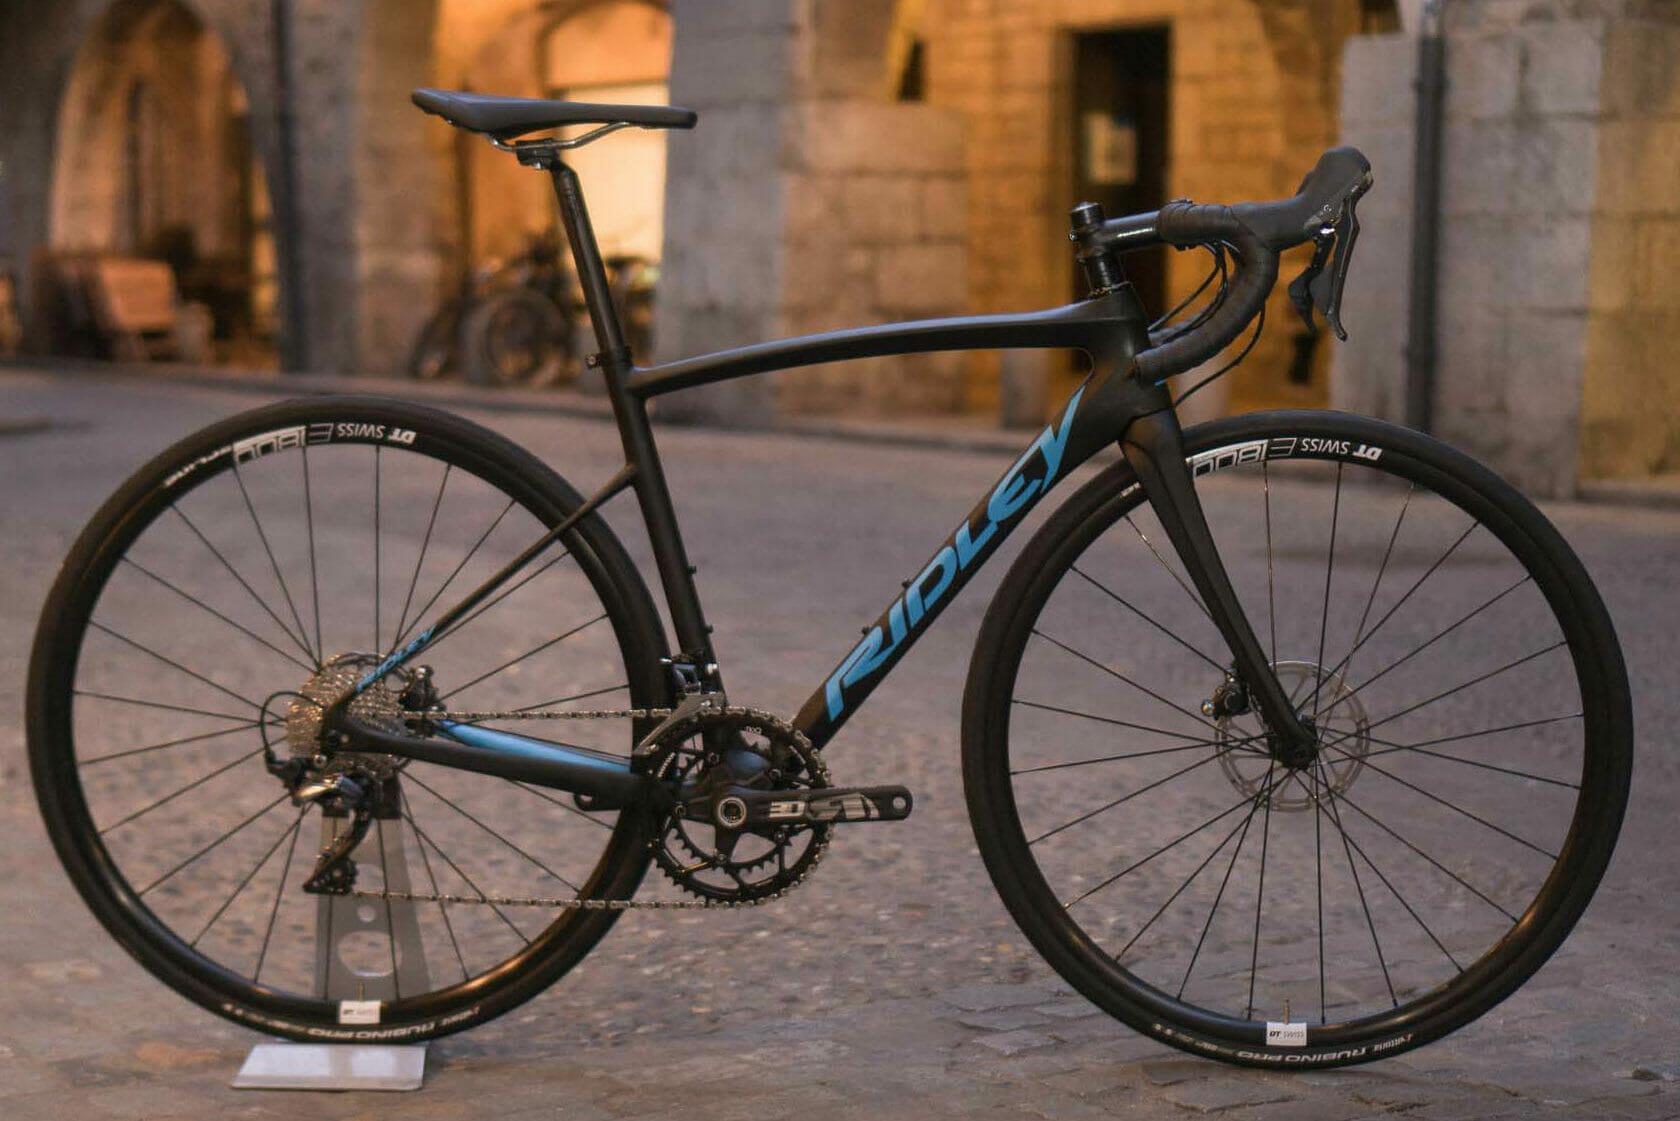 Ridley Bike Hire